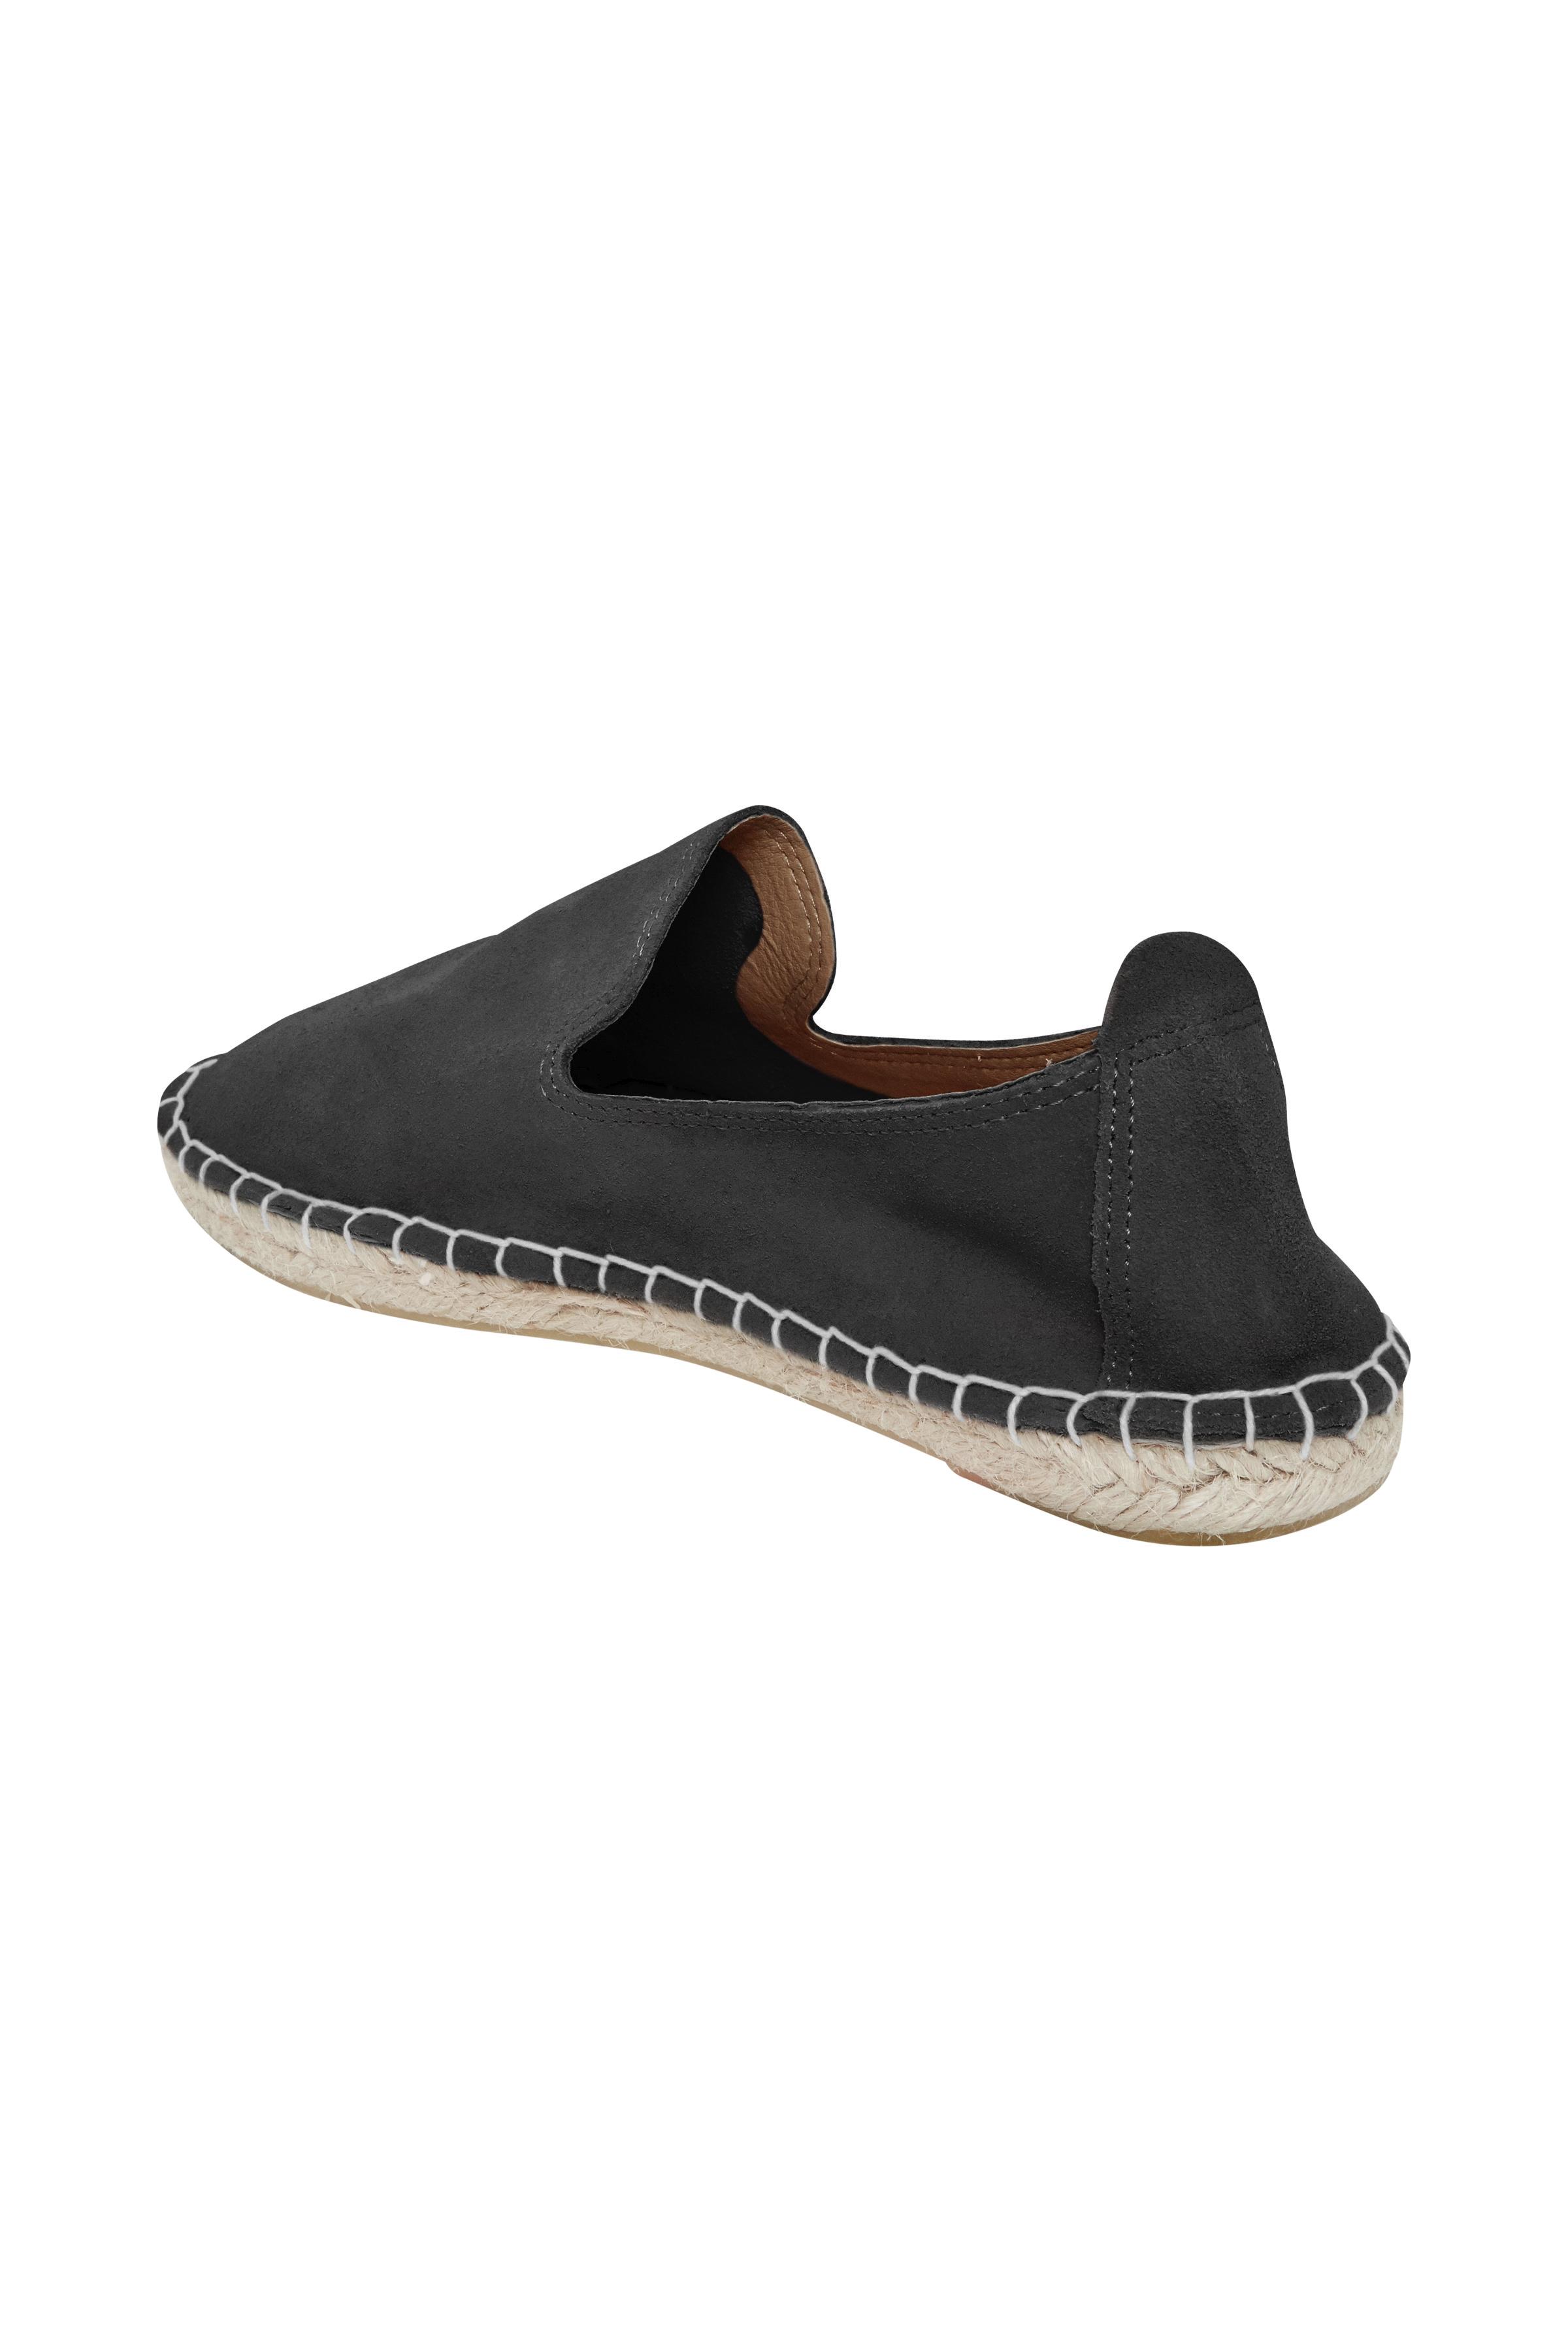 Svart Skinnskor från Ichi - accessories – Köp Svart Skinnskor från stl. 36-42 här